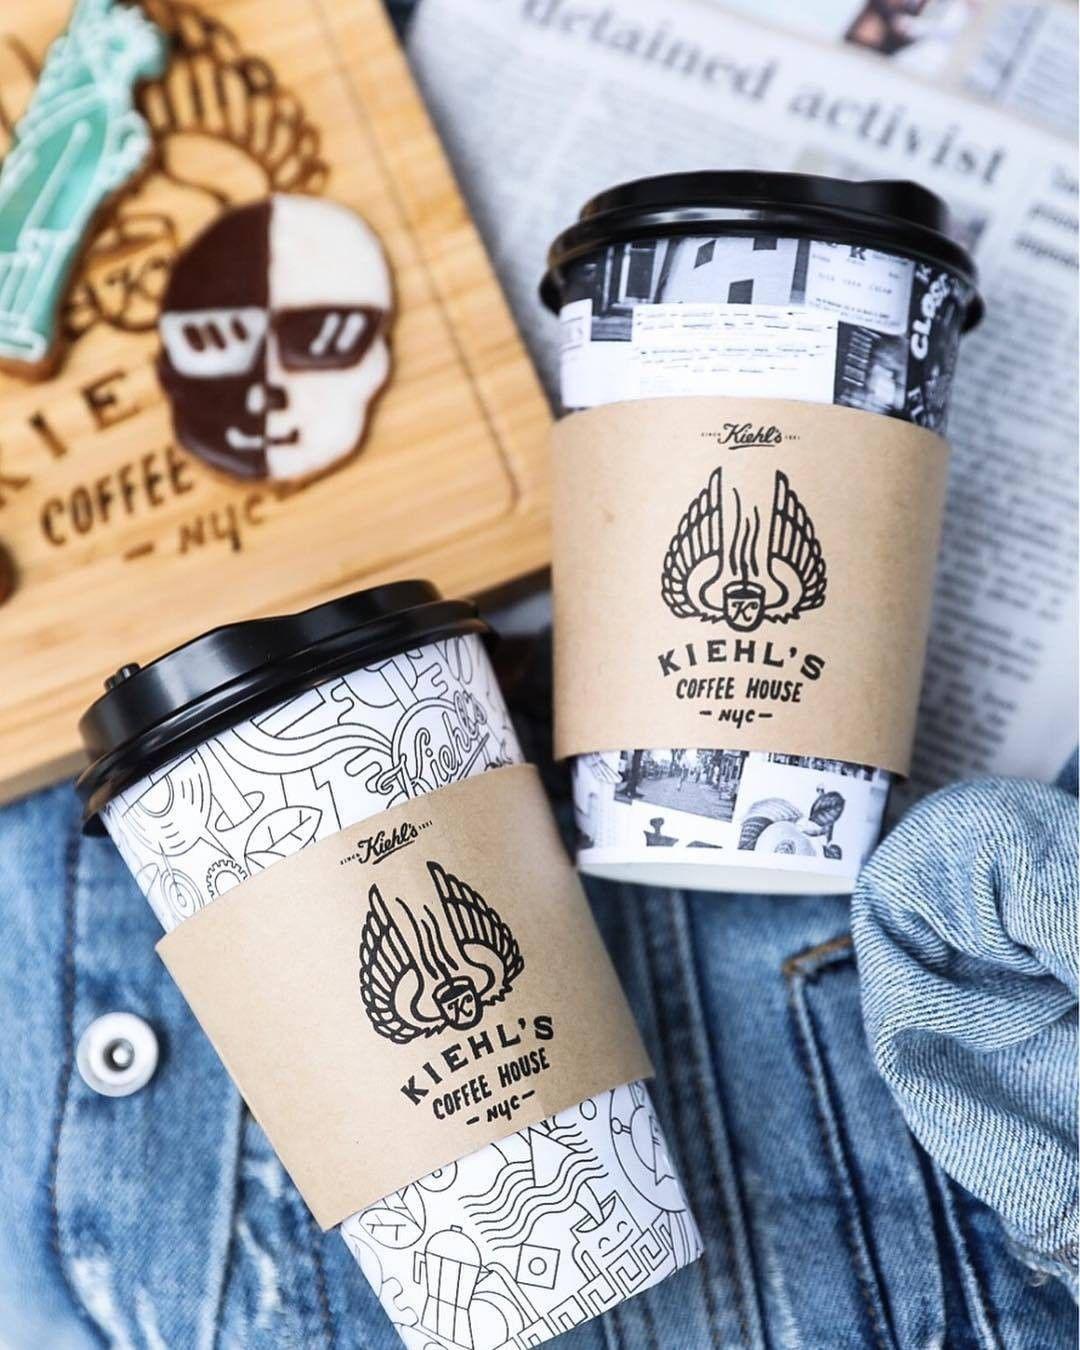 【世界咖啡日限定優惠☕】 這週有空就來 Kiehl's 喝一杯咖啡吧✨ 即日起至10/6(日),咖啡飲品享8折優惠🎉 Kiehl's用最香醇濃郁的咖啡,與你同慶世界咖啡日! *此優惠不得與其他優惠並行 *Kiehl's Coffee House保留活動說明之權利